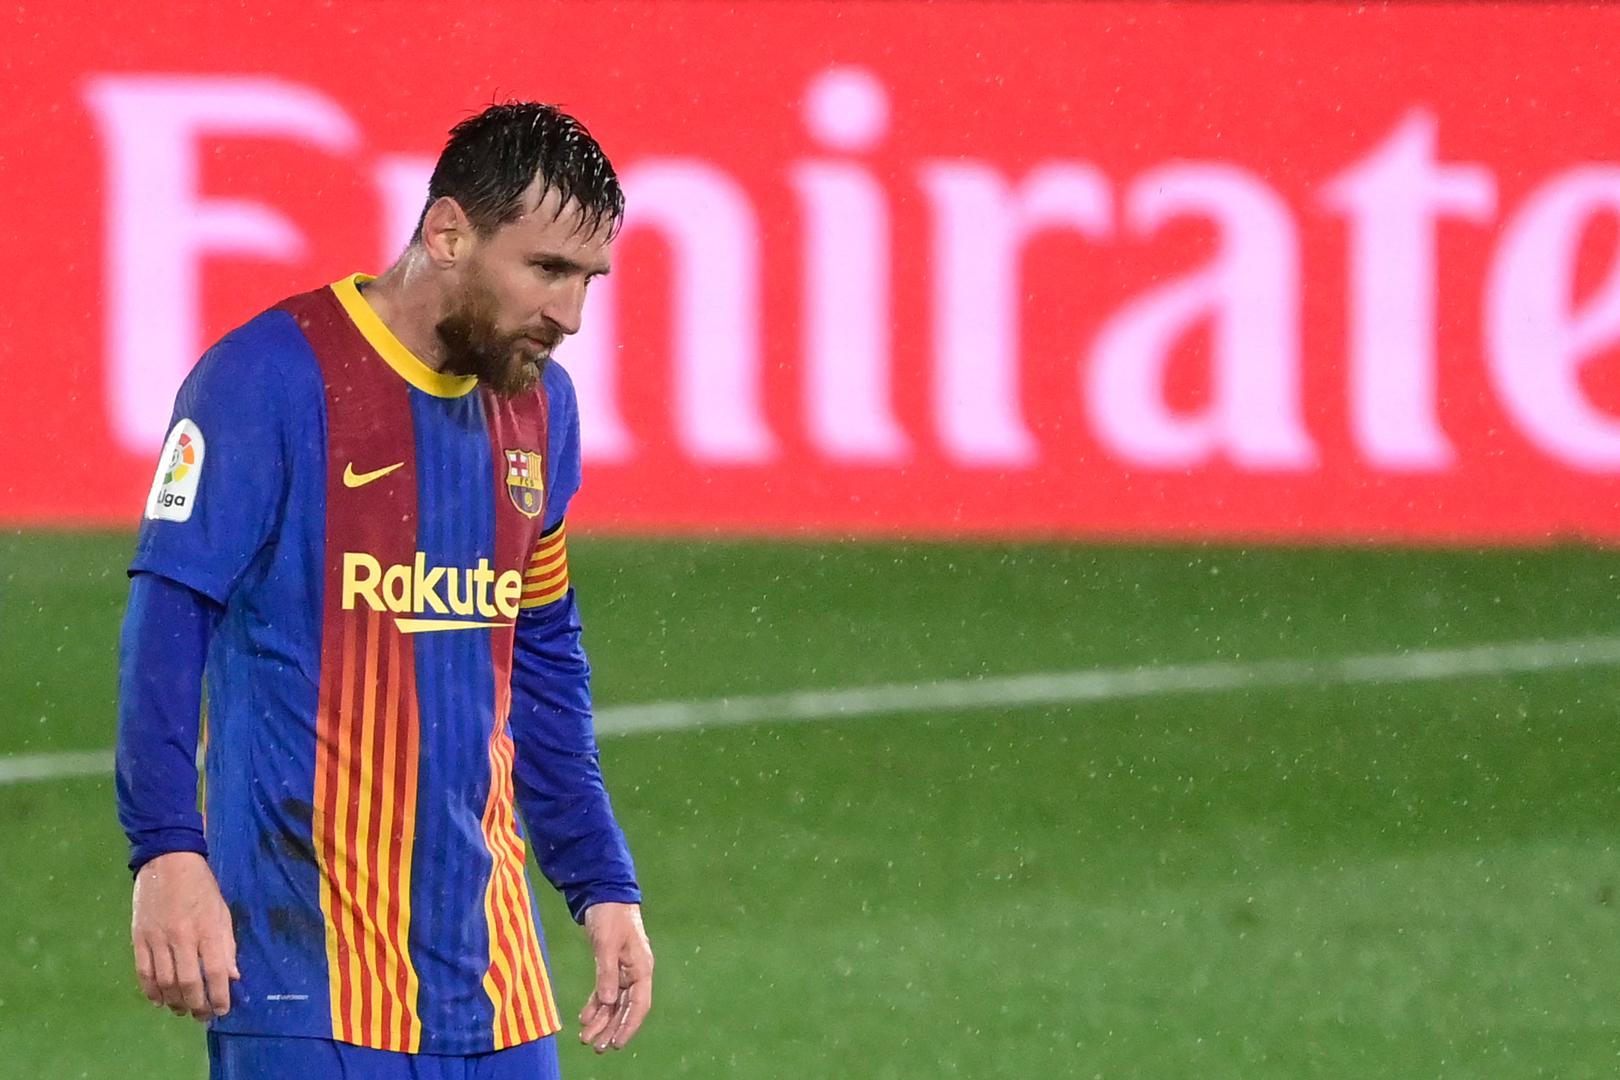 بعد الهزيمة أمام ريال مدريد.. ميسي يسجل رقما سلبيا